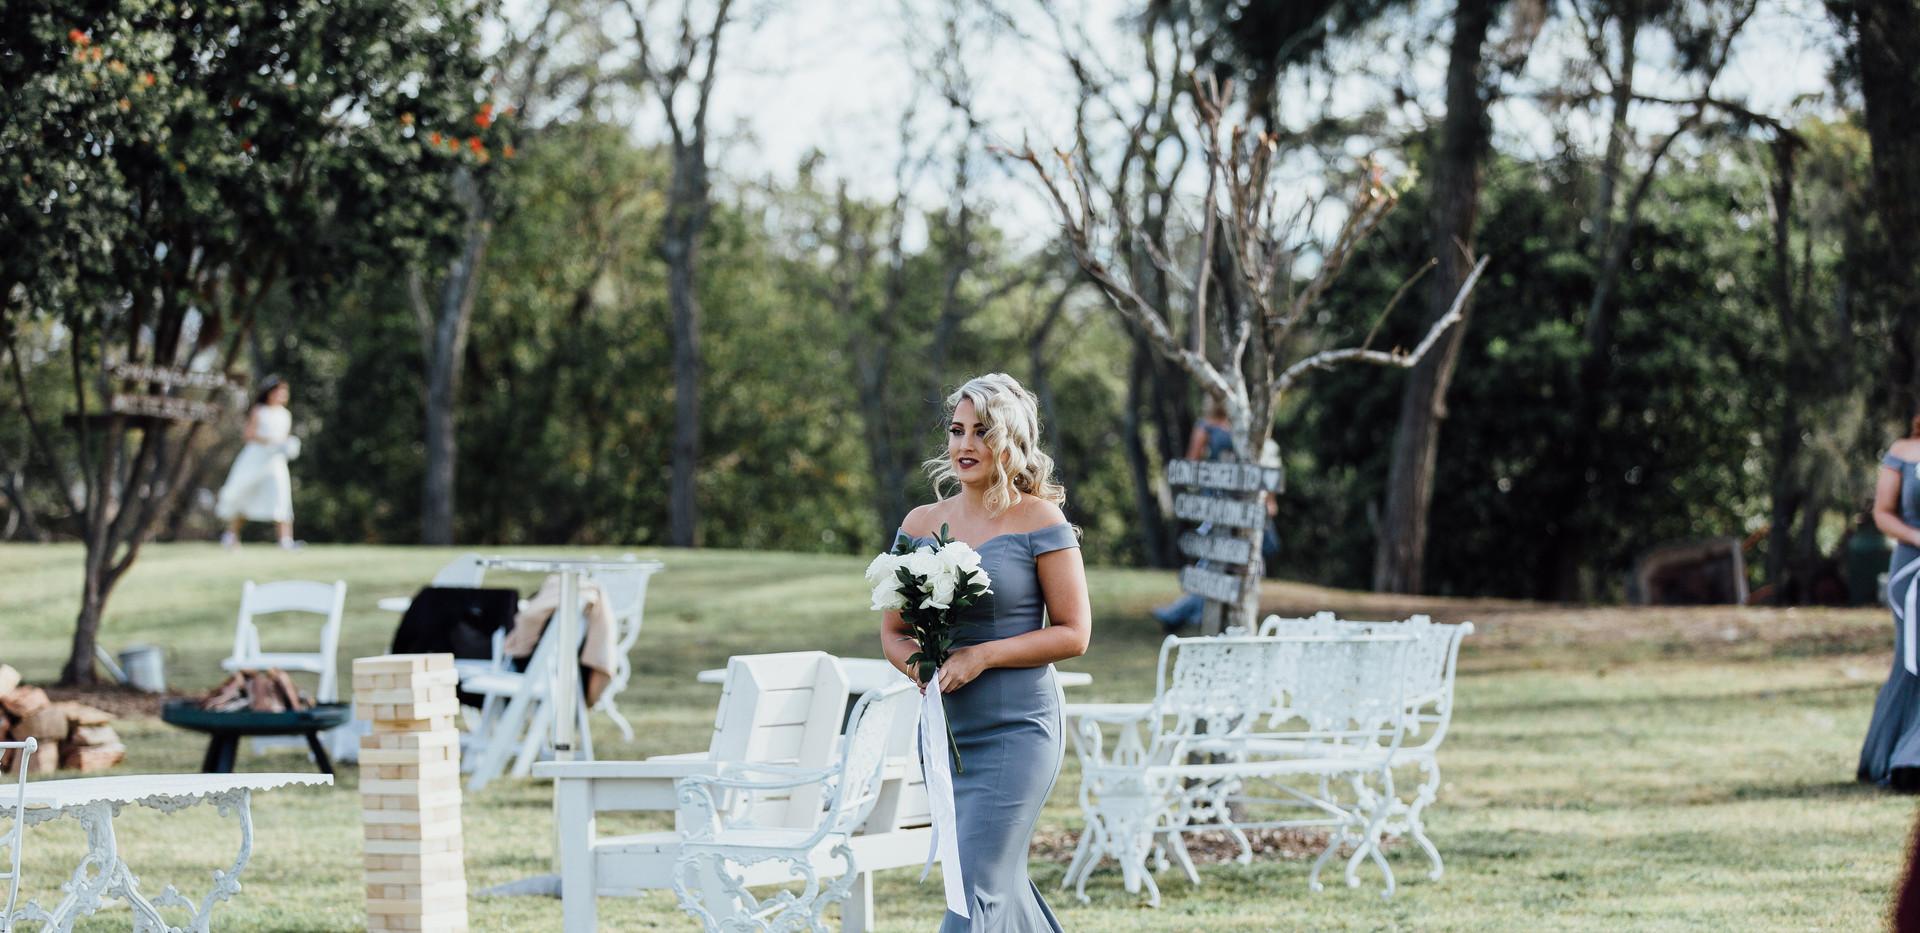 Ahmad&Carly-Wedding-HighRes-0298.jpg